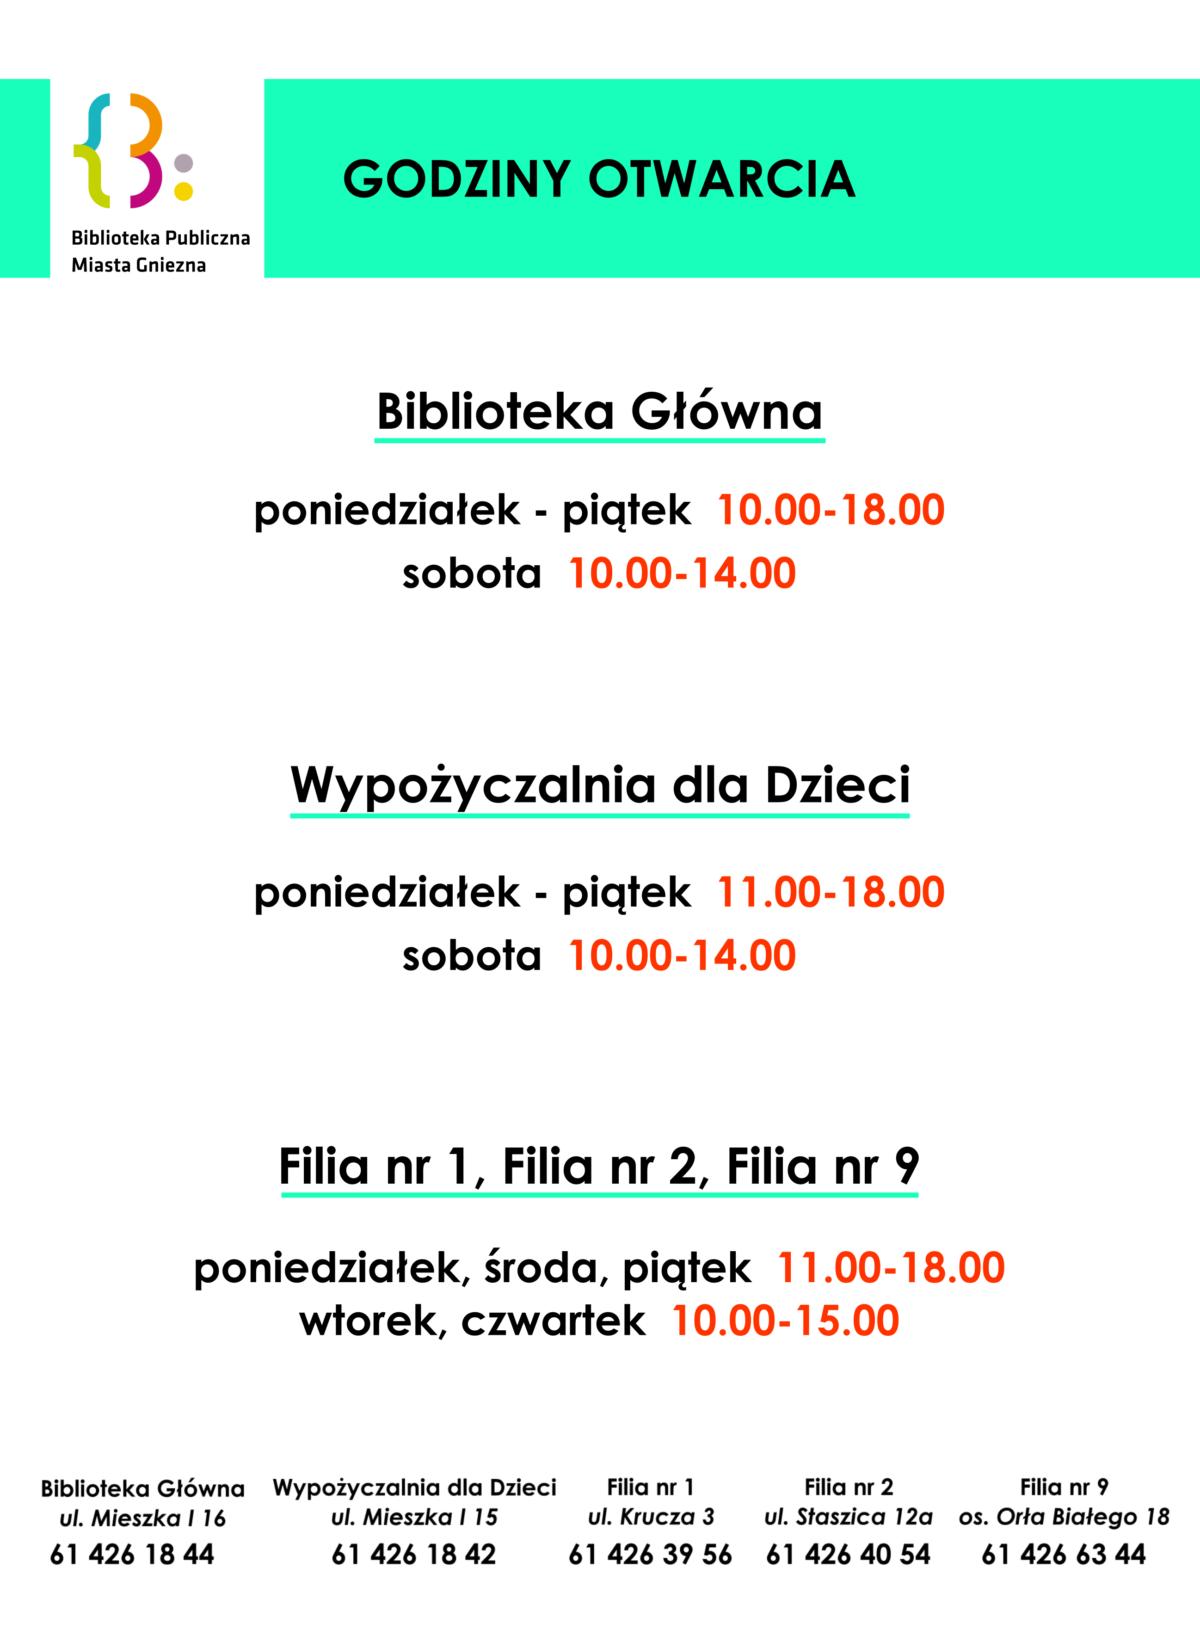 Zmiana godzin pracy Biblioteki